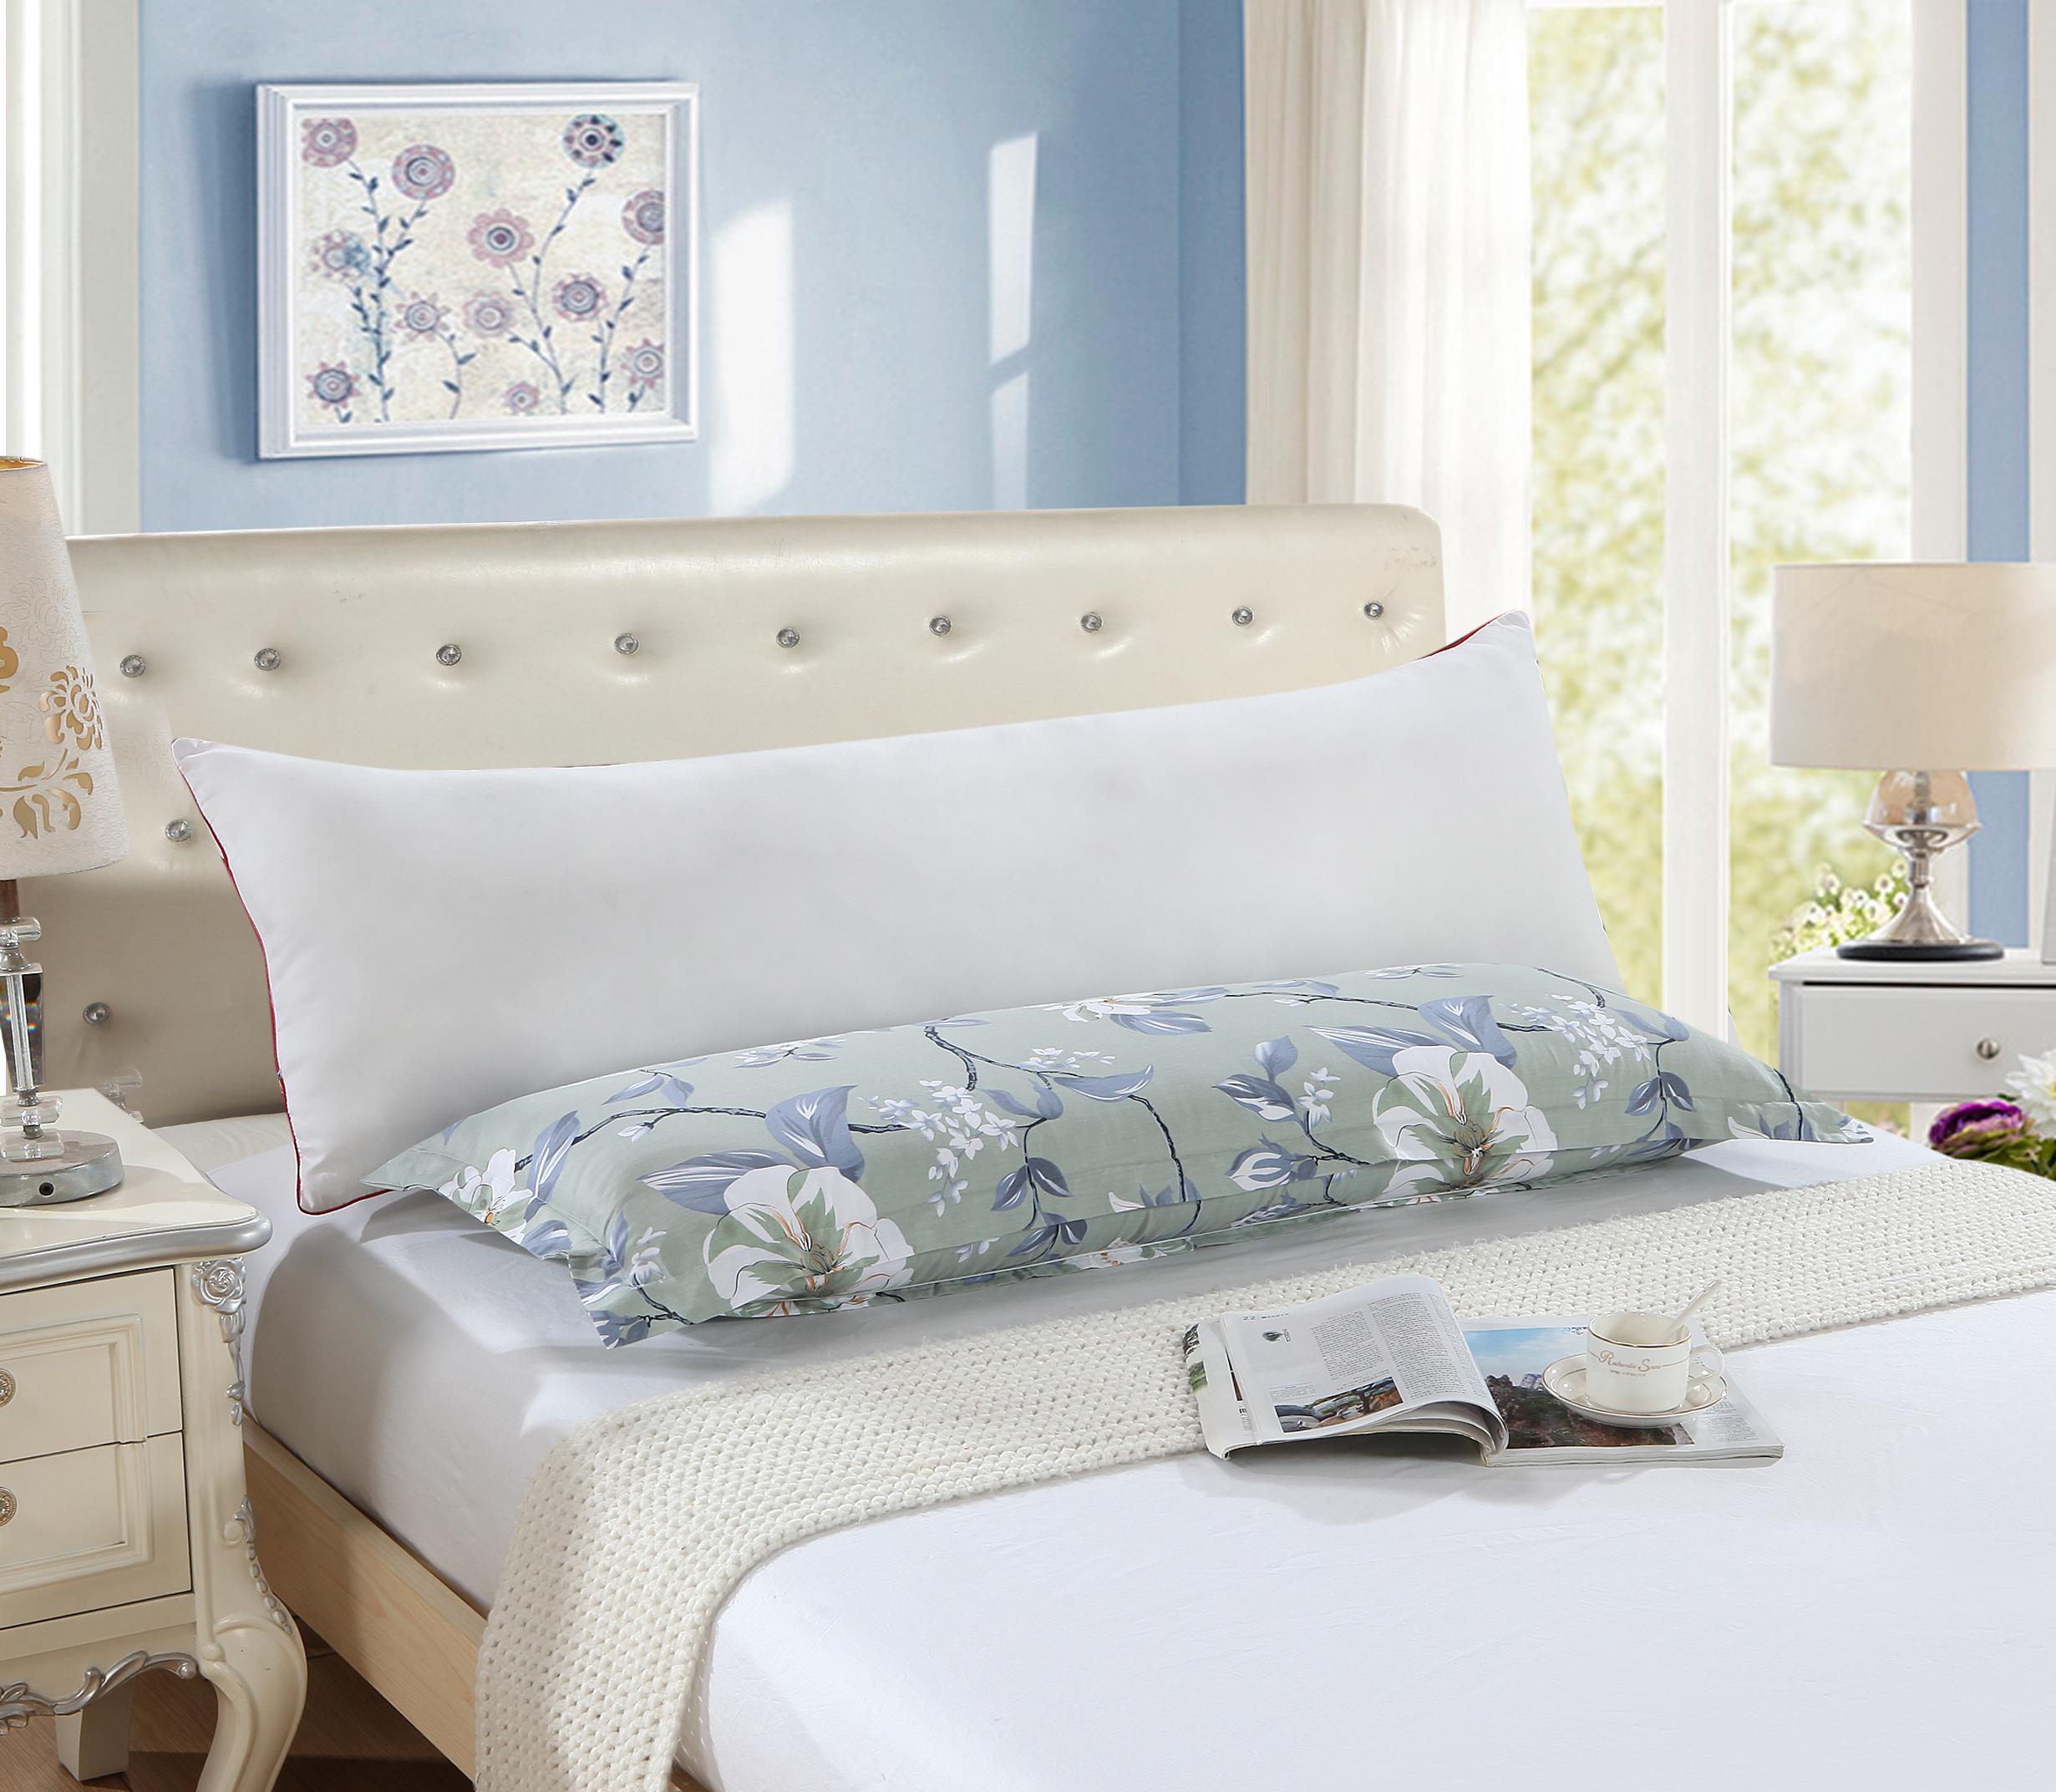 ダブル枕を長く項大ダブル枕の1 . 5メートル1.2m1.8メートル真空圧縮枕枕ベッド成人夫婦